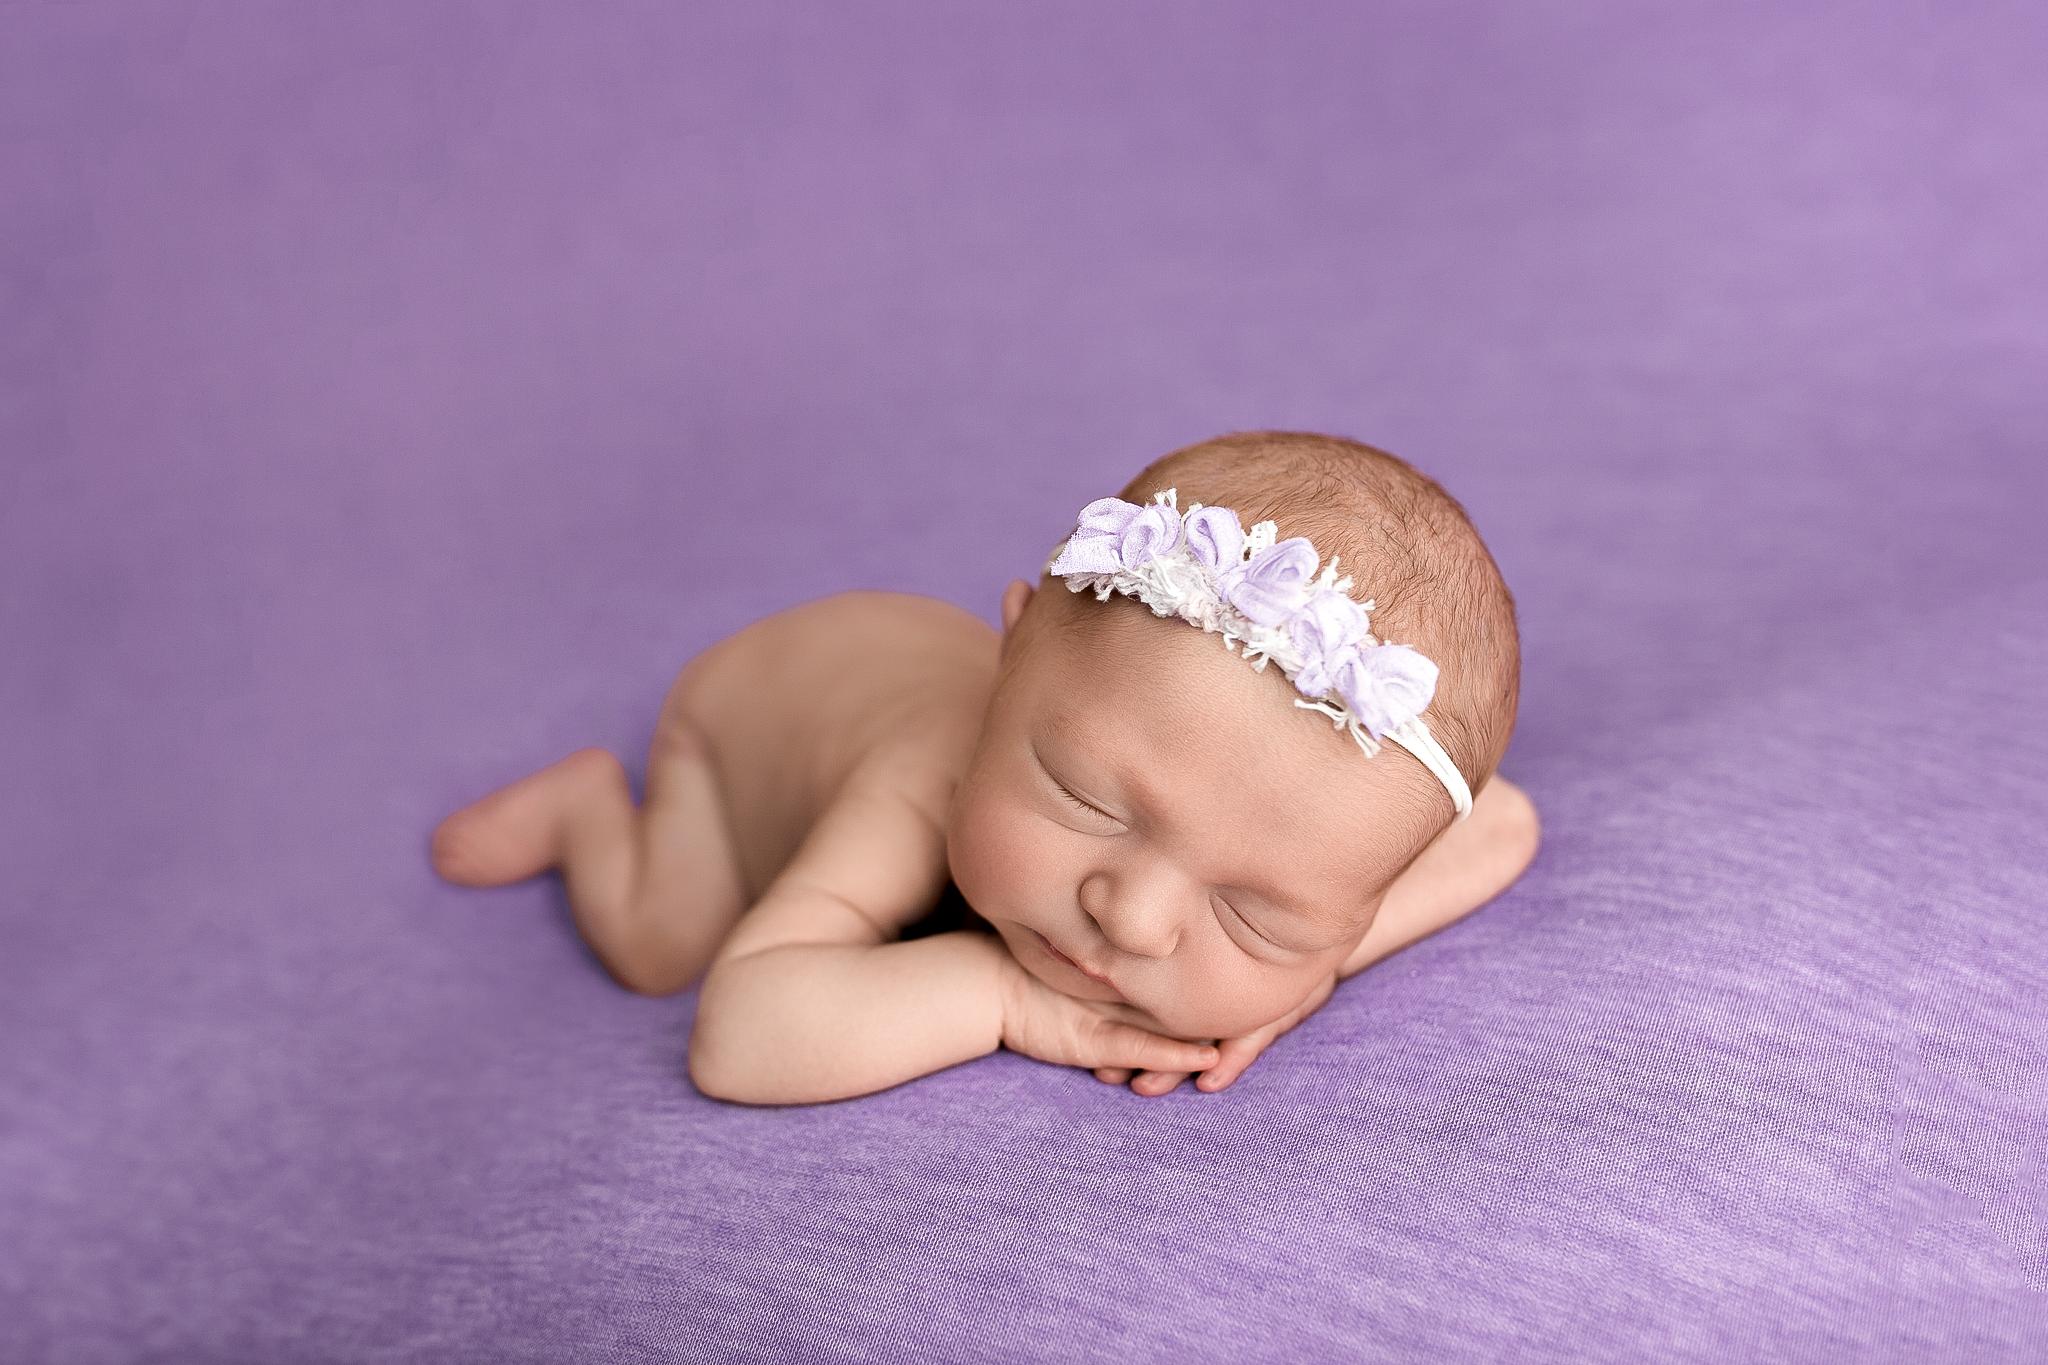 baby girl on purple